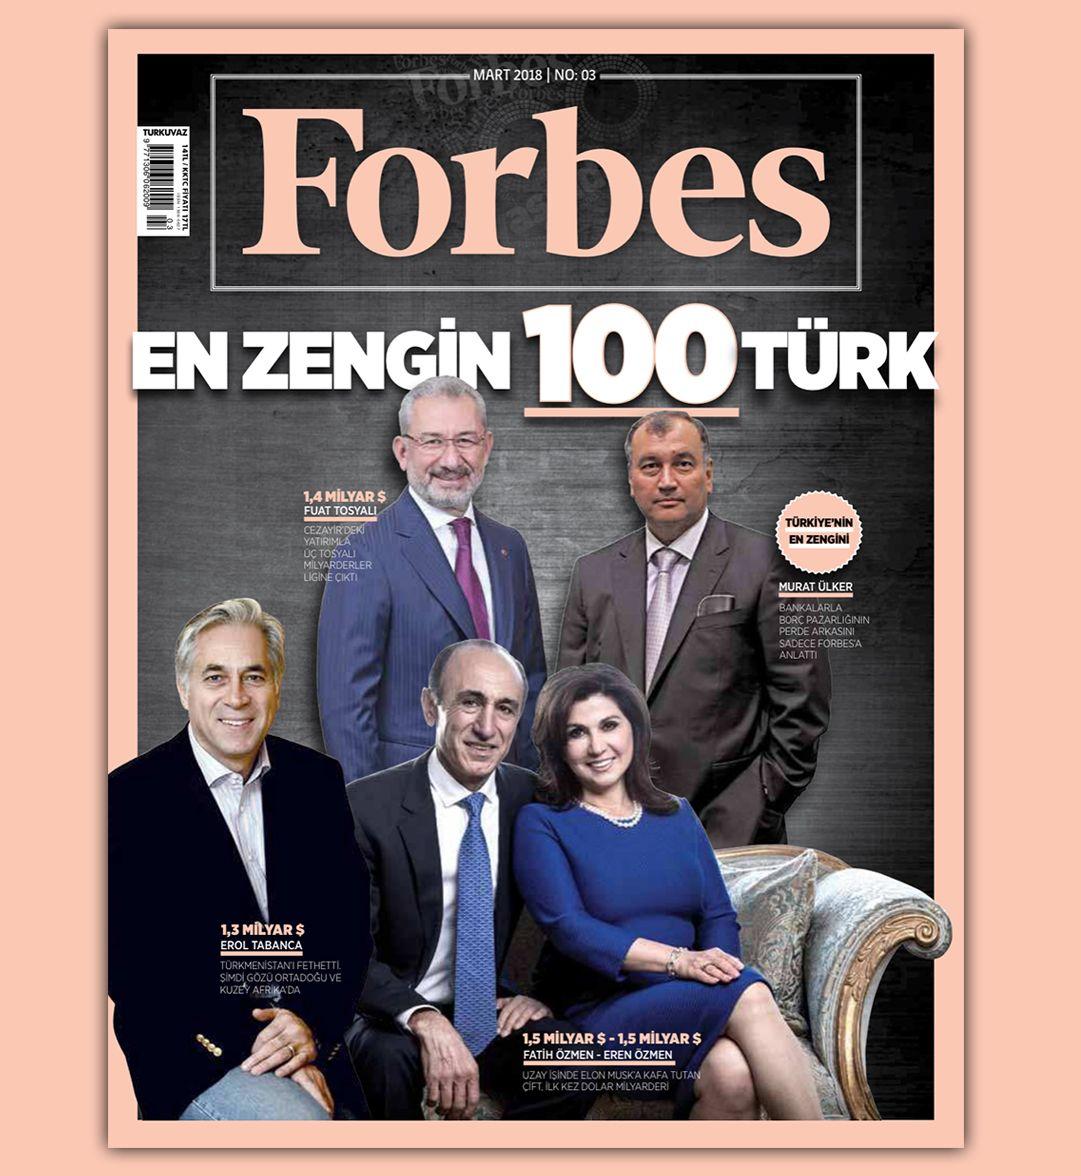 Forbes zenginleri açıkladı: 32 Türk milyarder listede